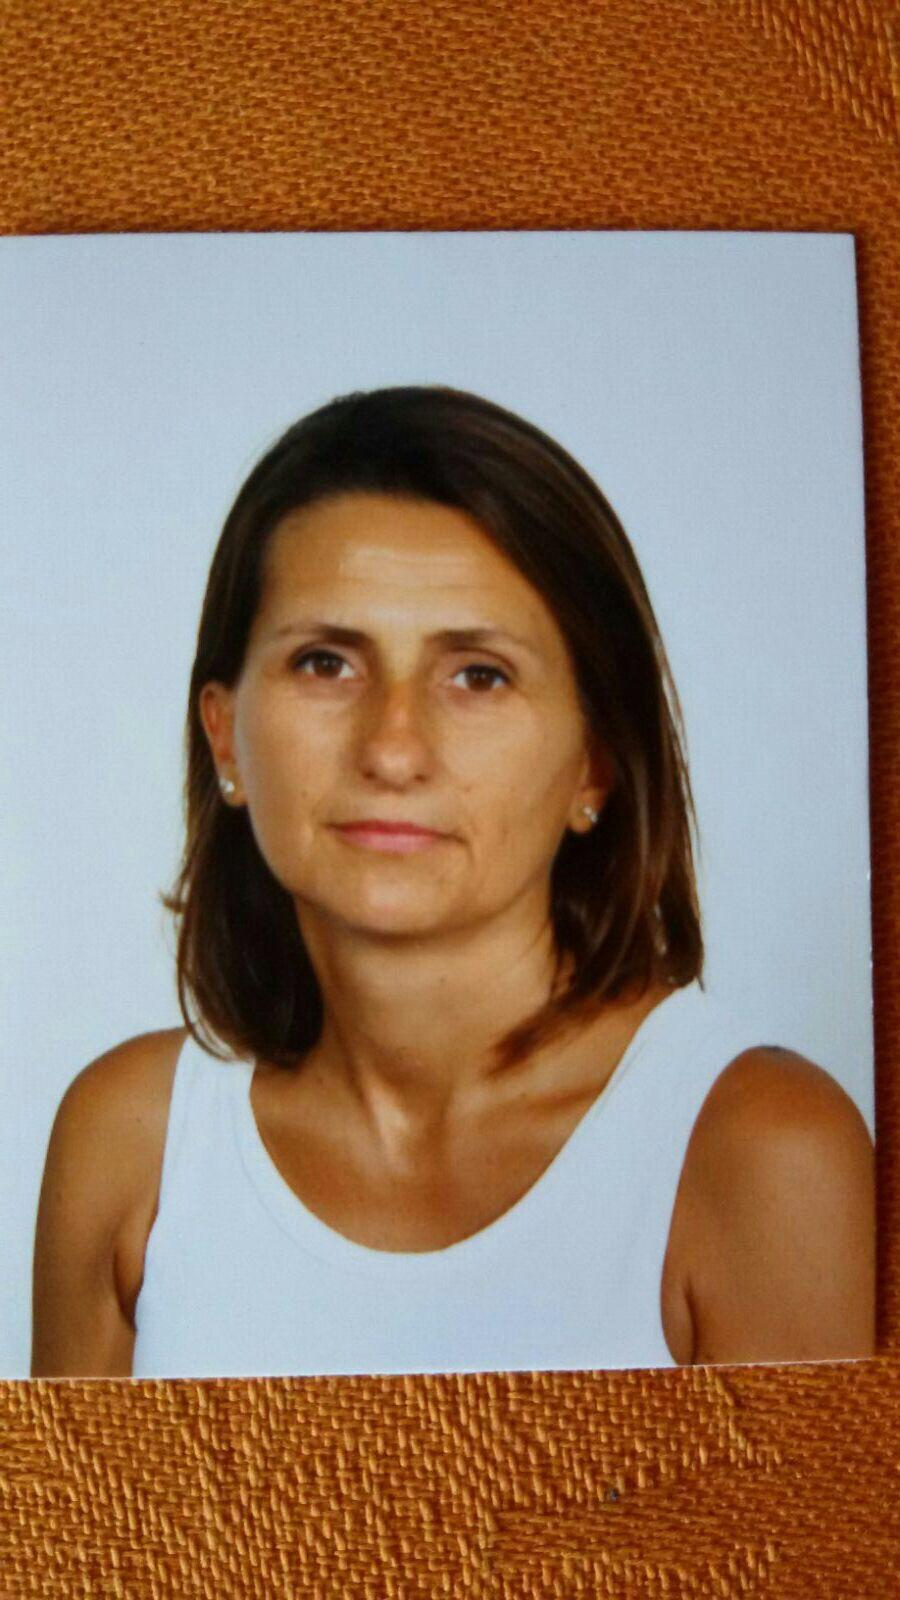 Perta Maria Luigia